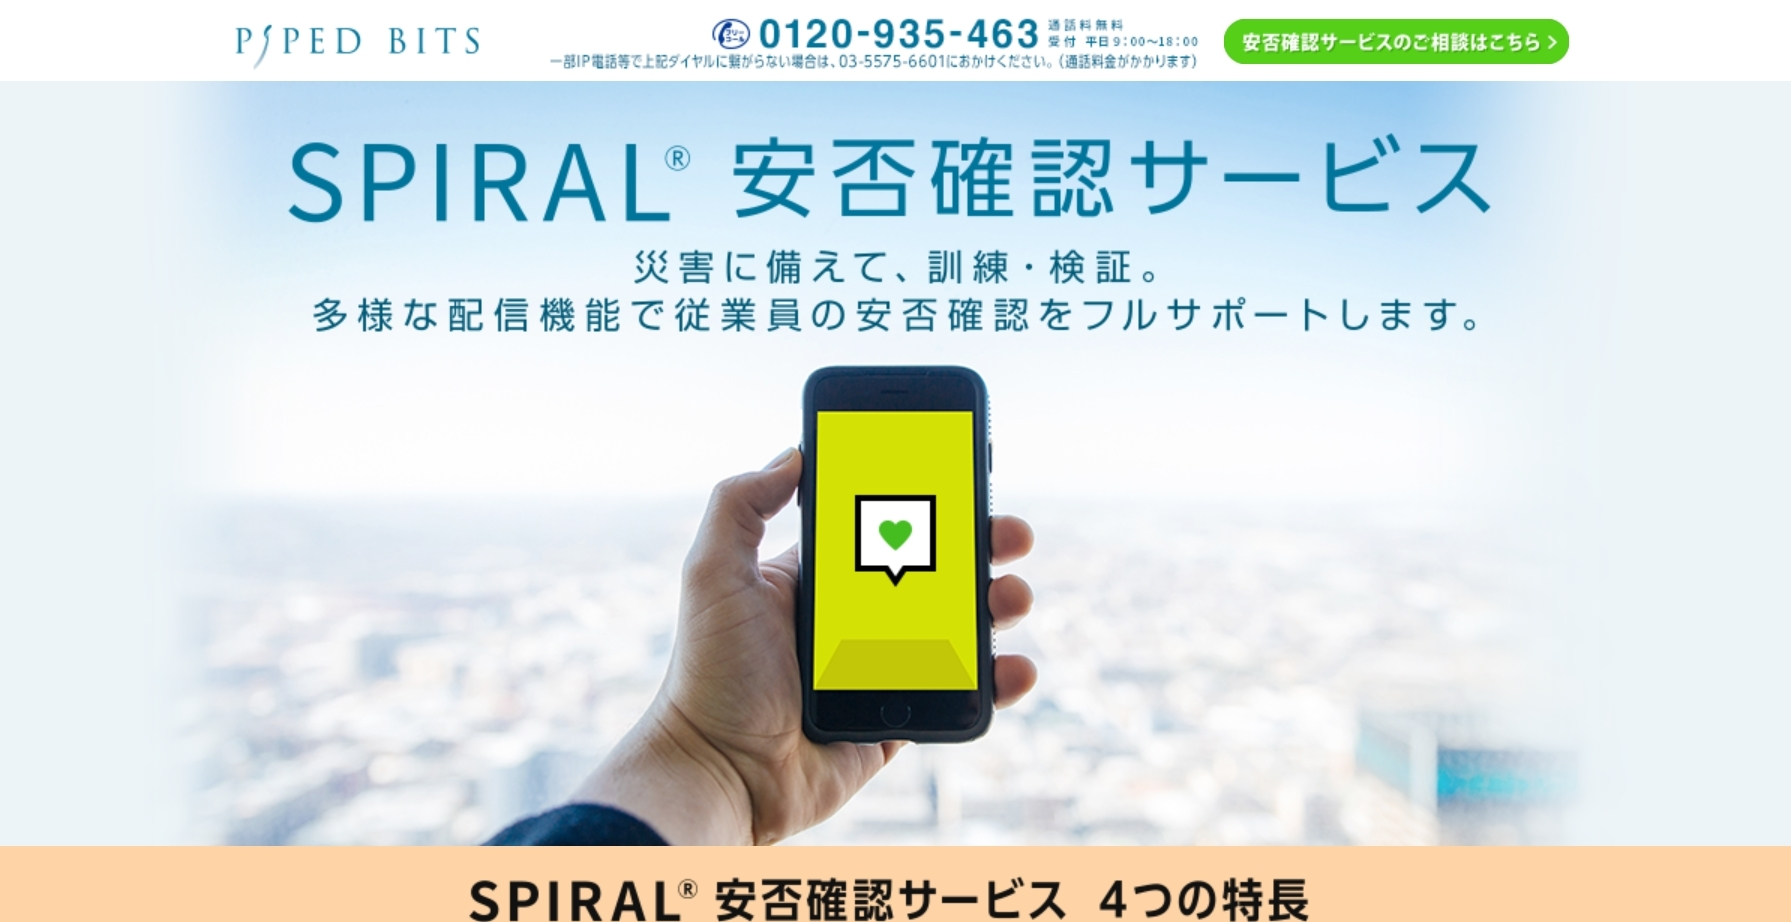 SPIRAL®安否確認サービス